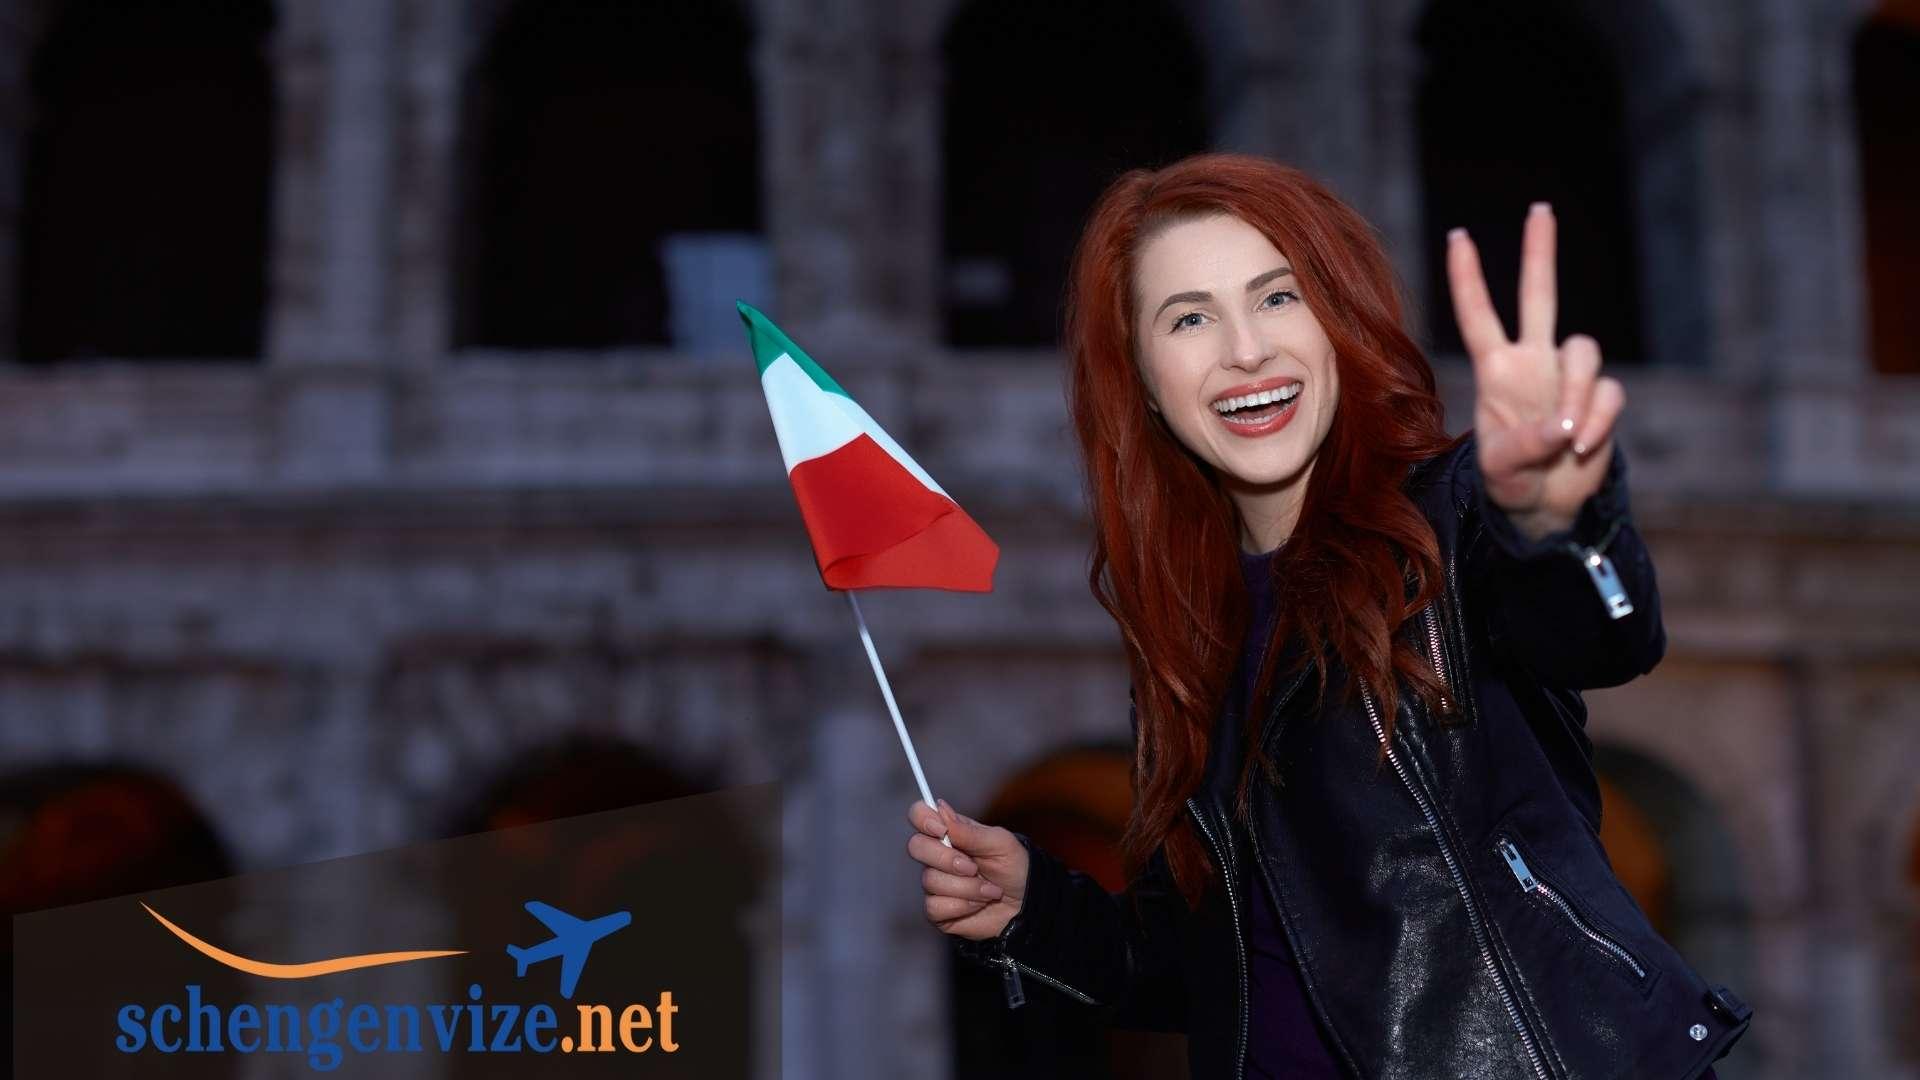 İtalya Turistik Vize Başvuruları